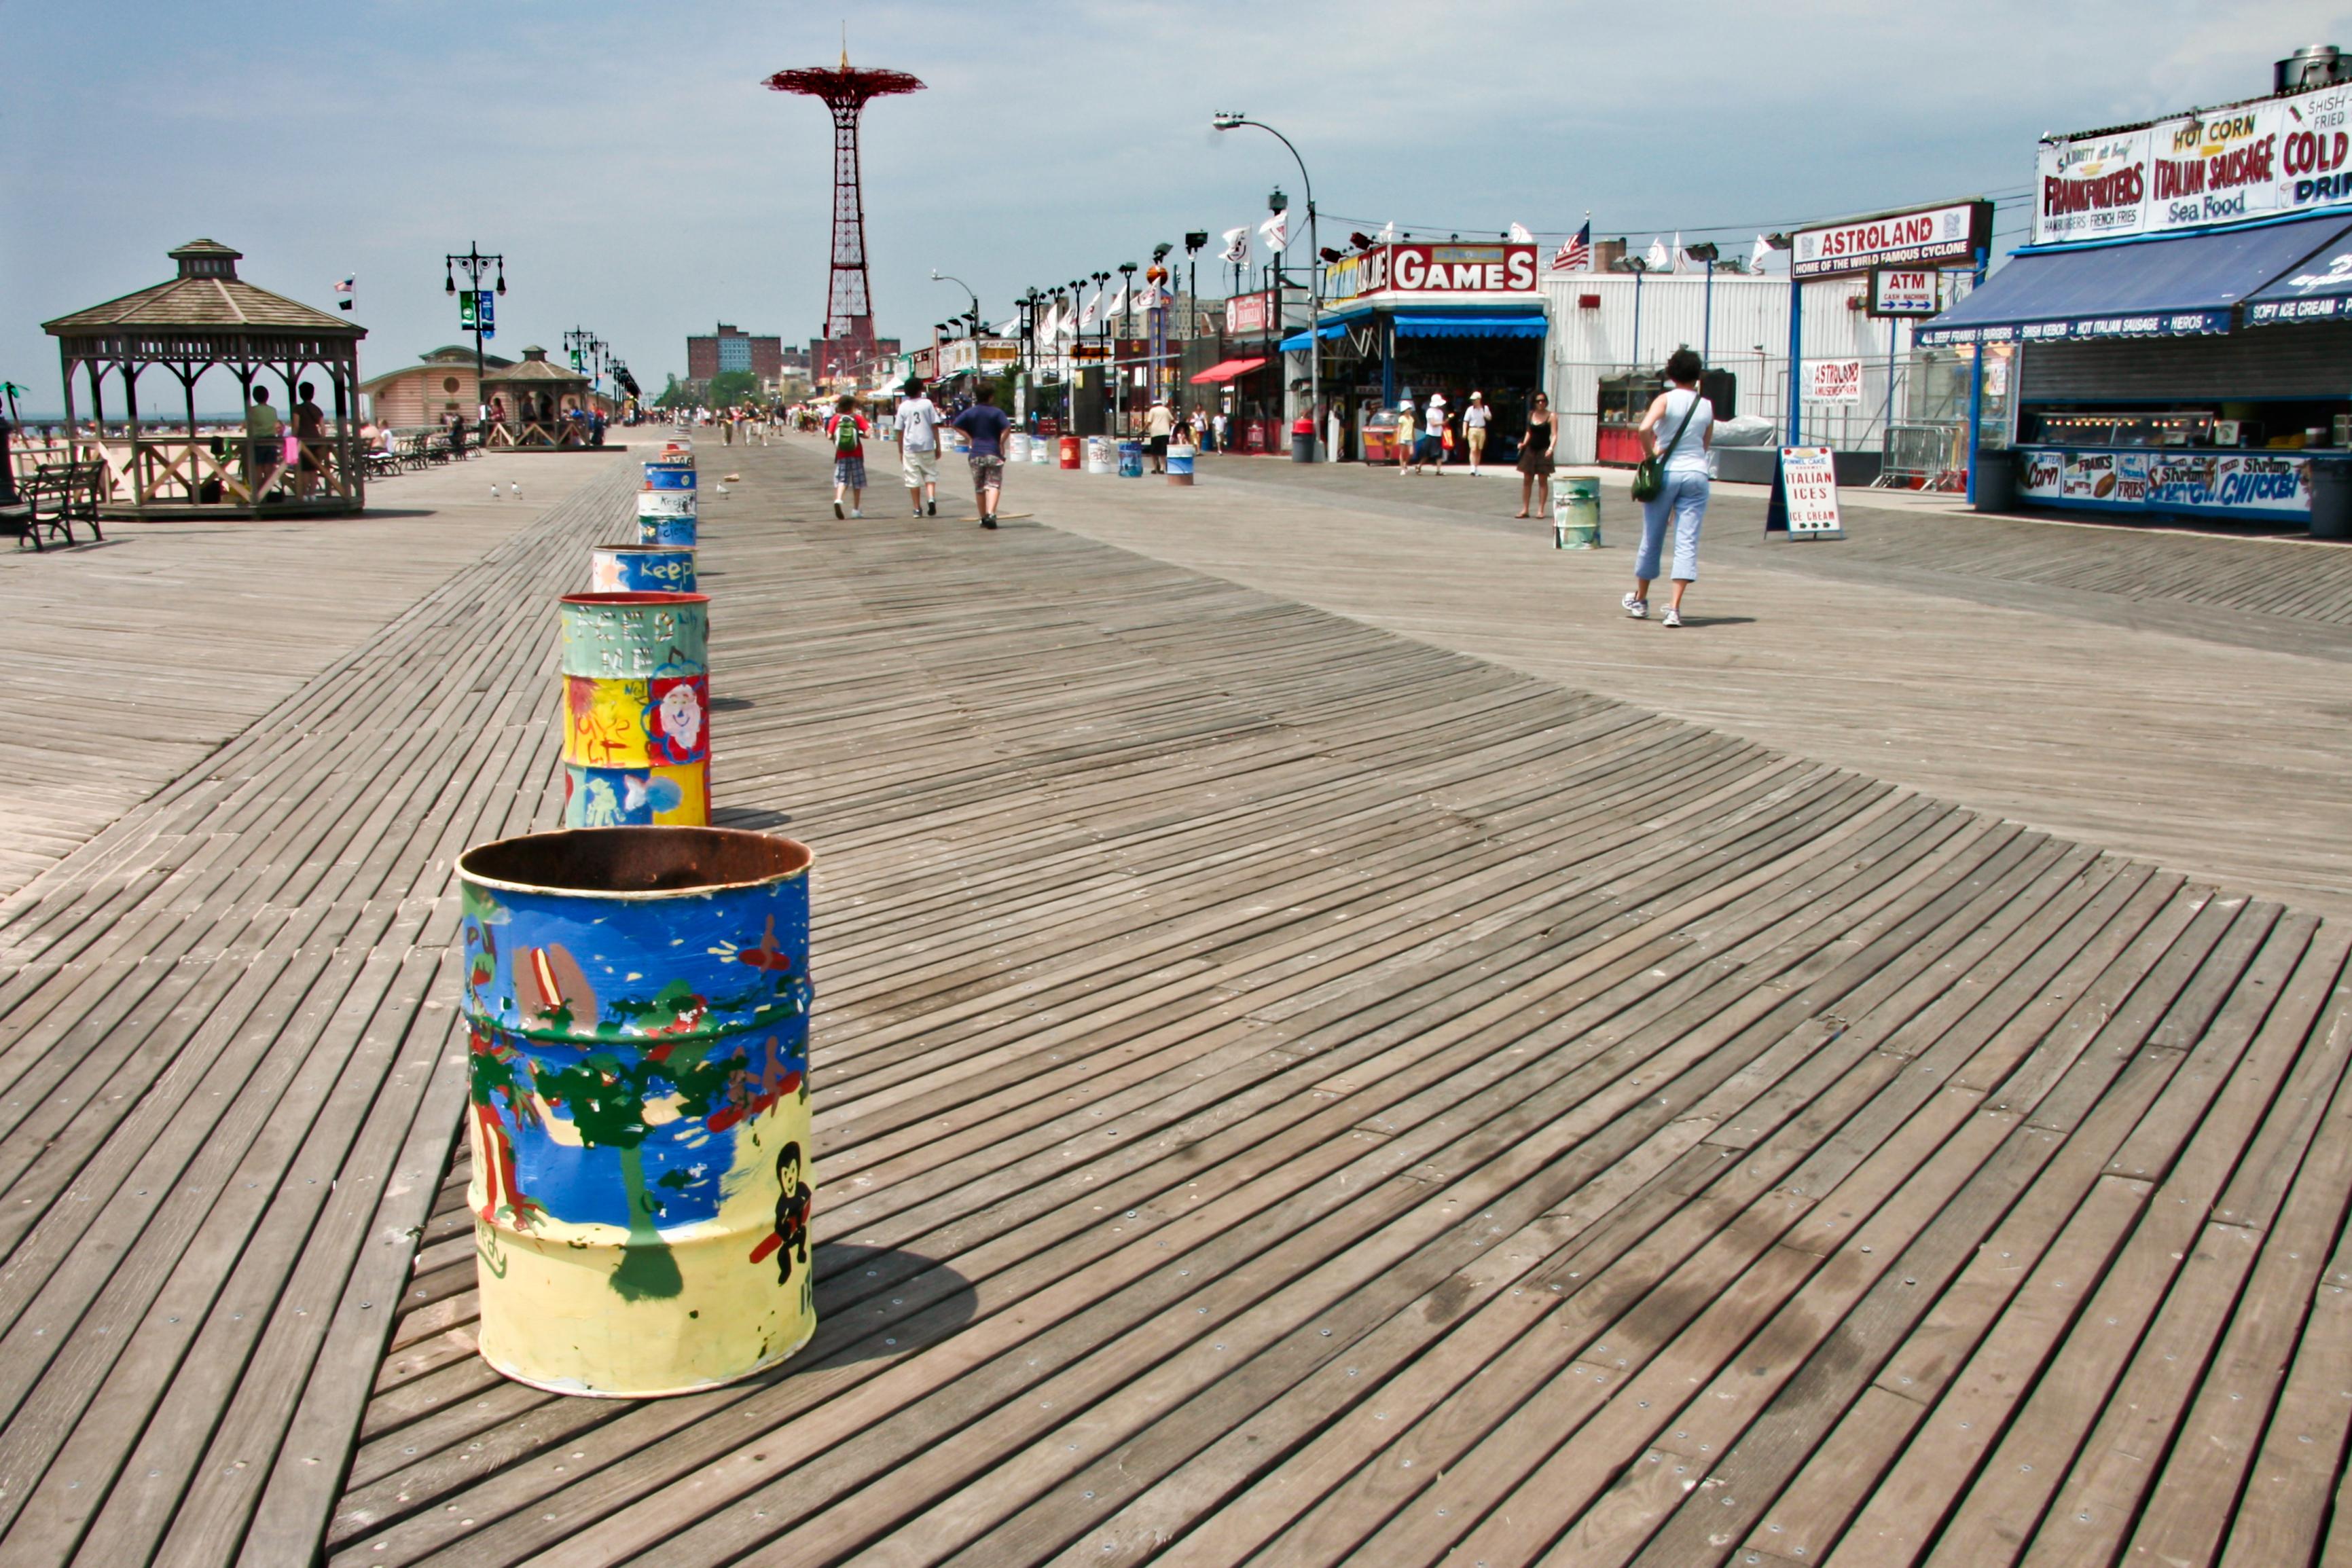 Kolejne centrum rozrywki zostanie otwarte na Coney Island na Brooklynie